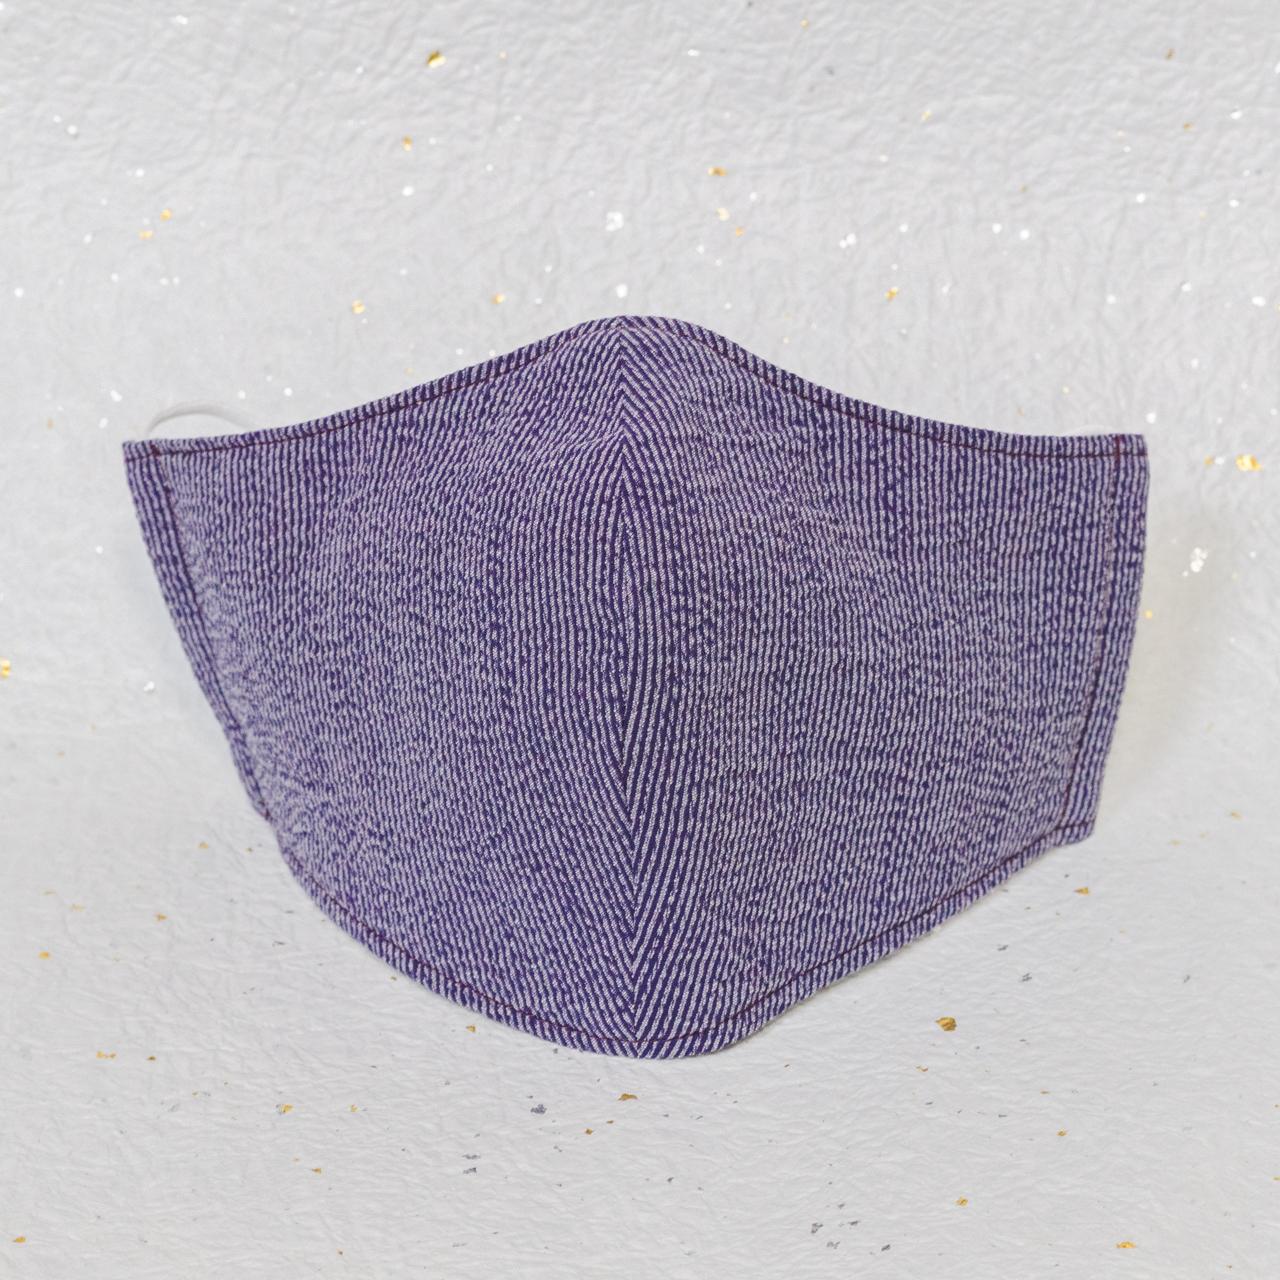 モダン和紙織りマスク クラシック パープル(紫)